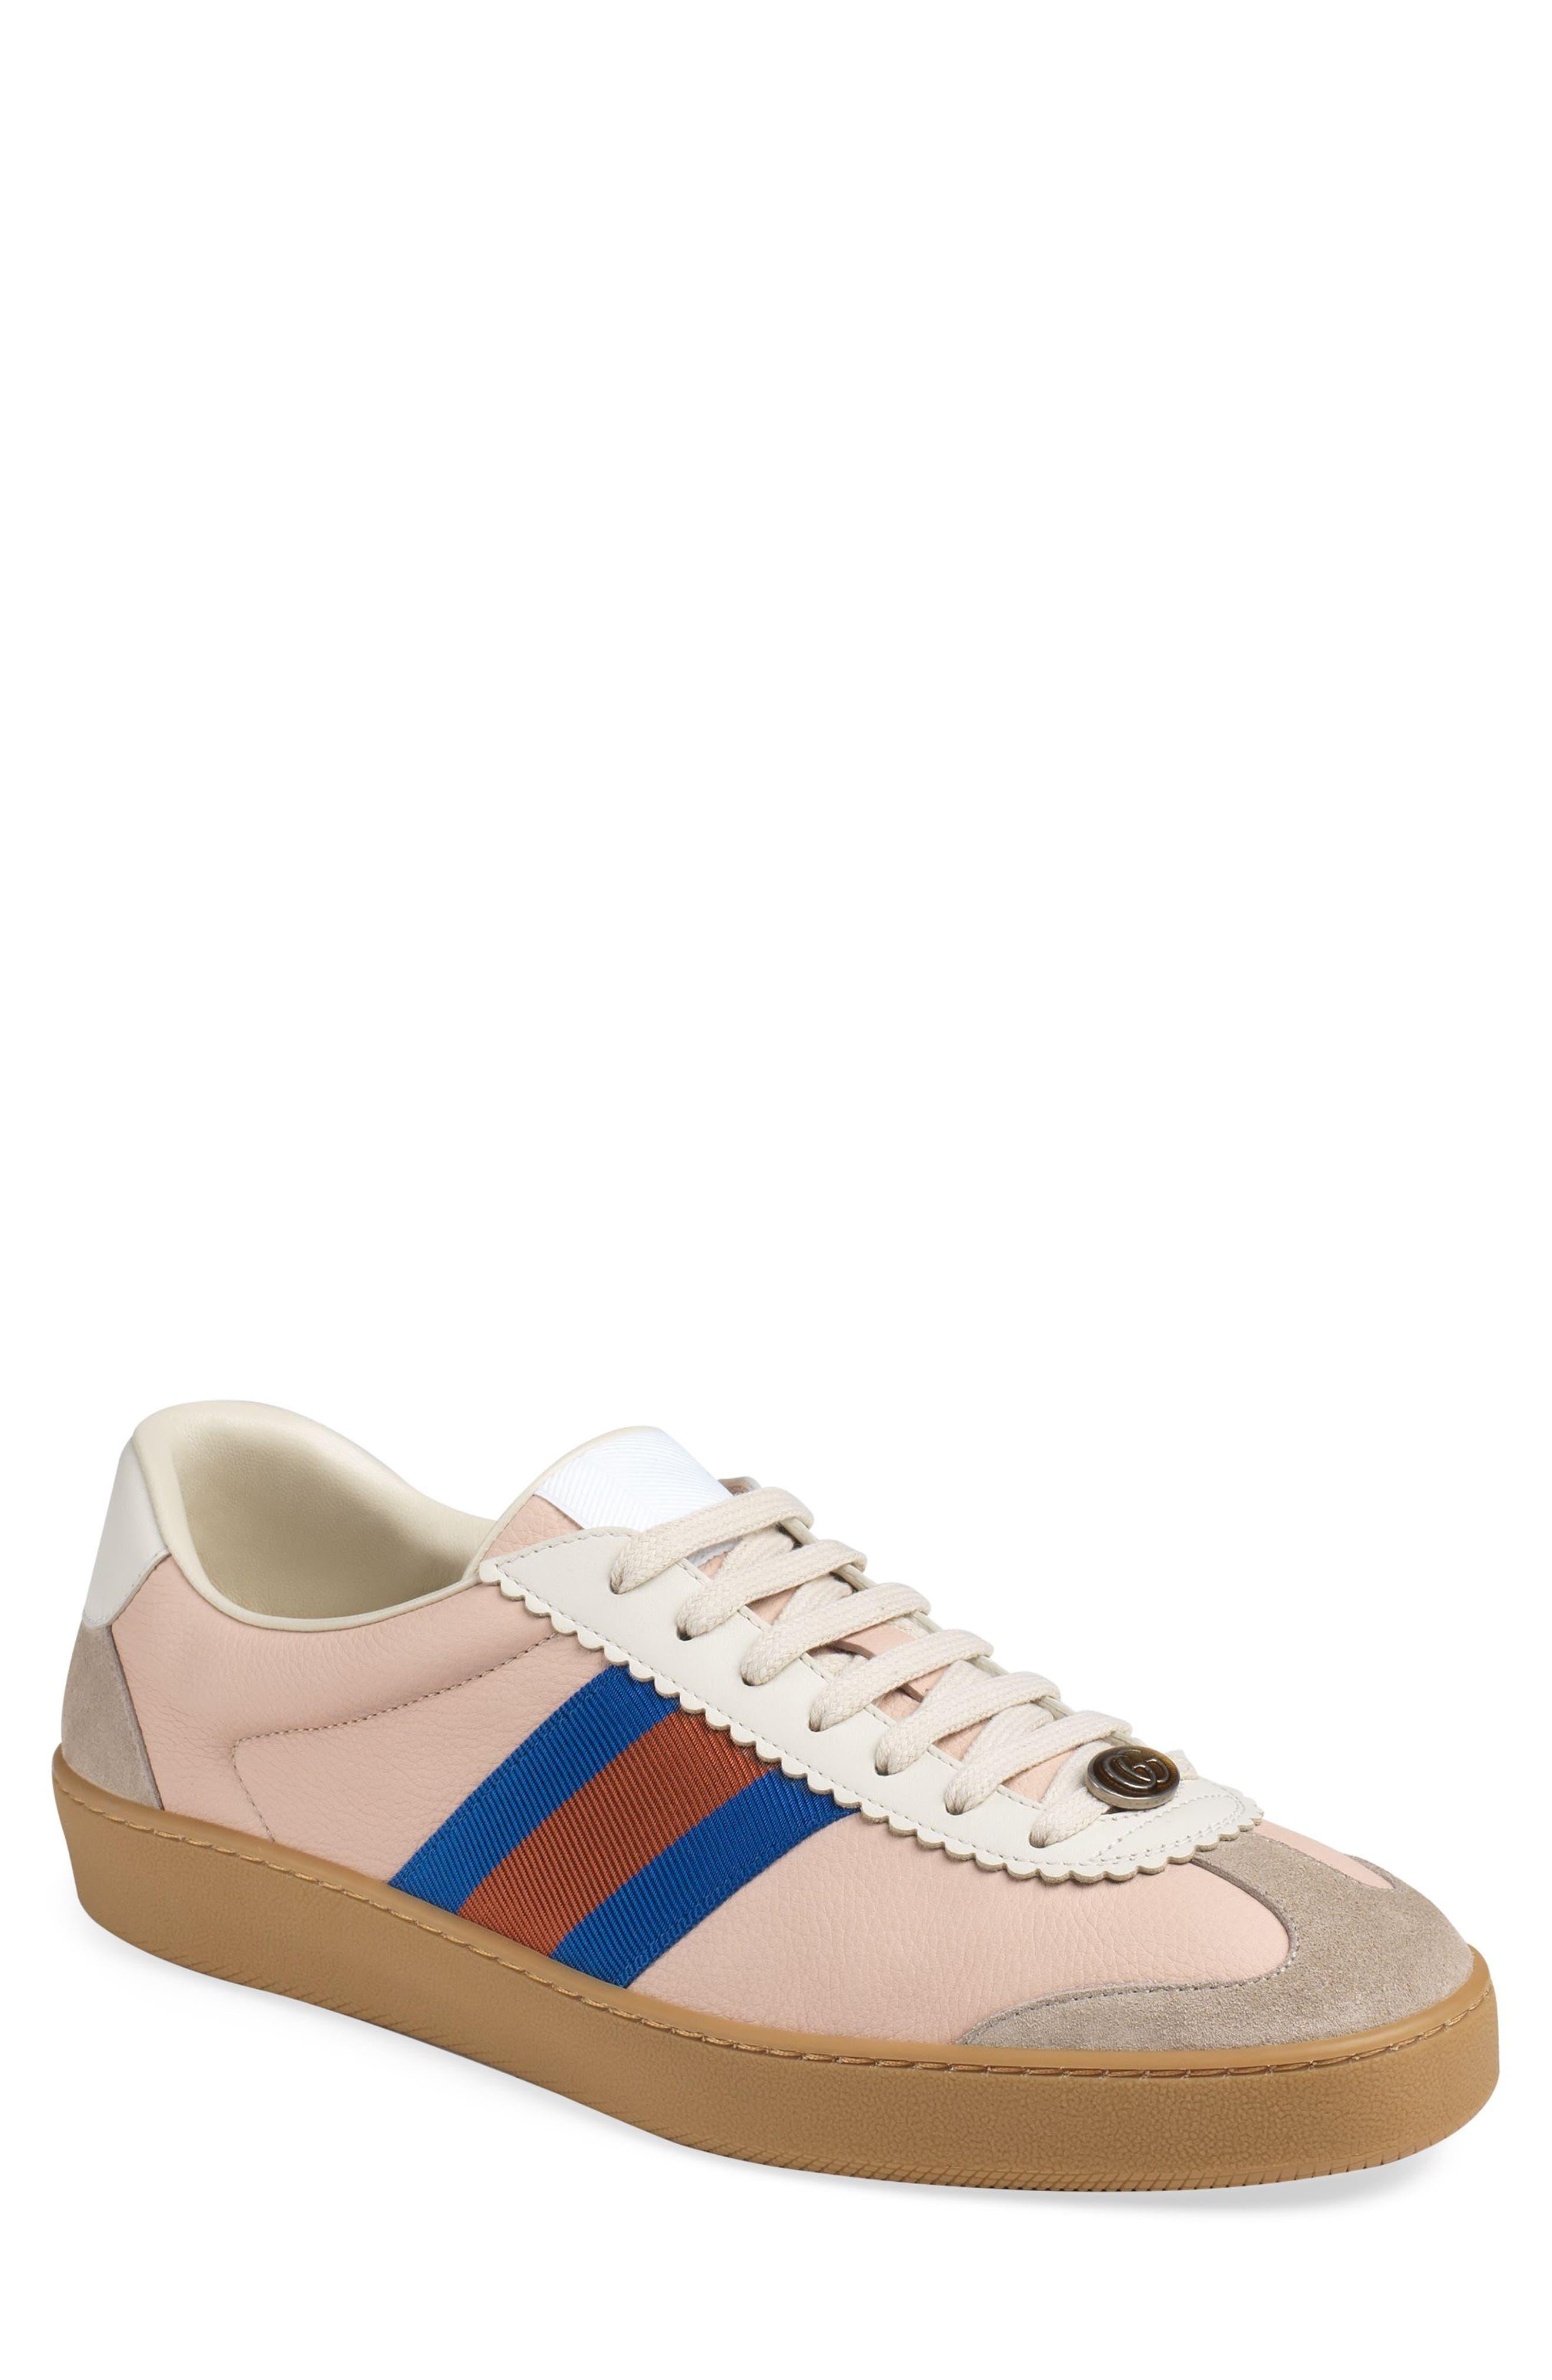 Web Sneaker,                         Main,                         color, OATMEAL/ WHITE